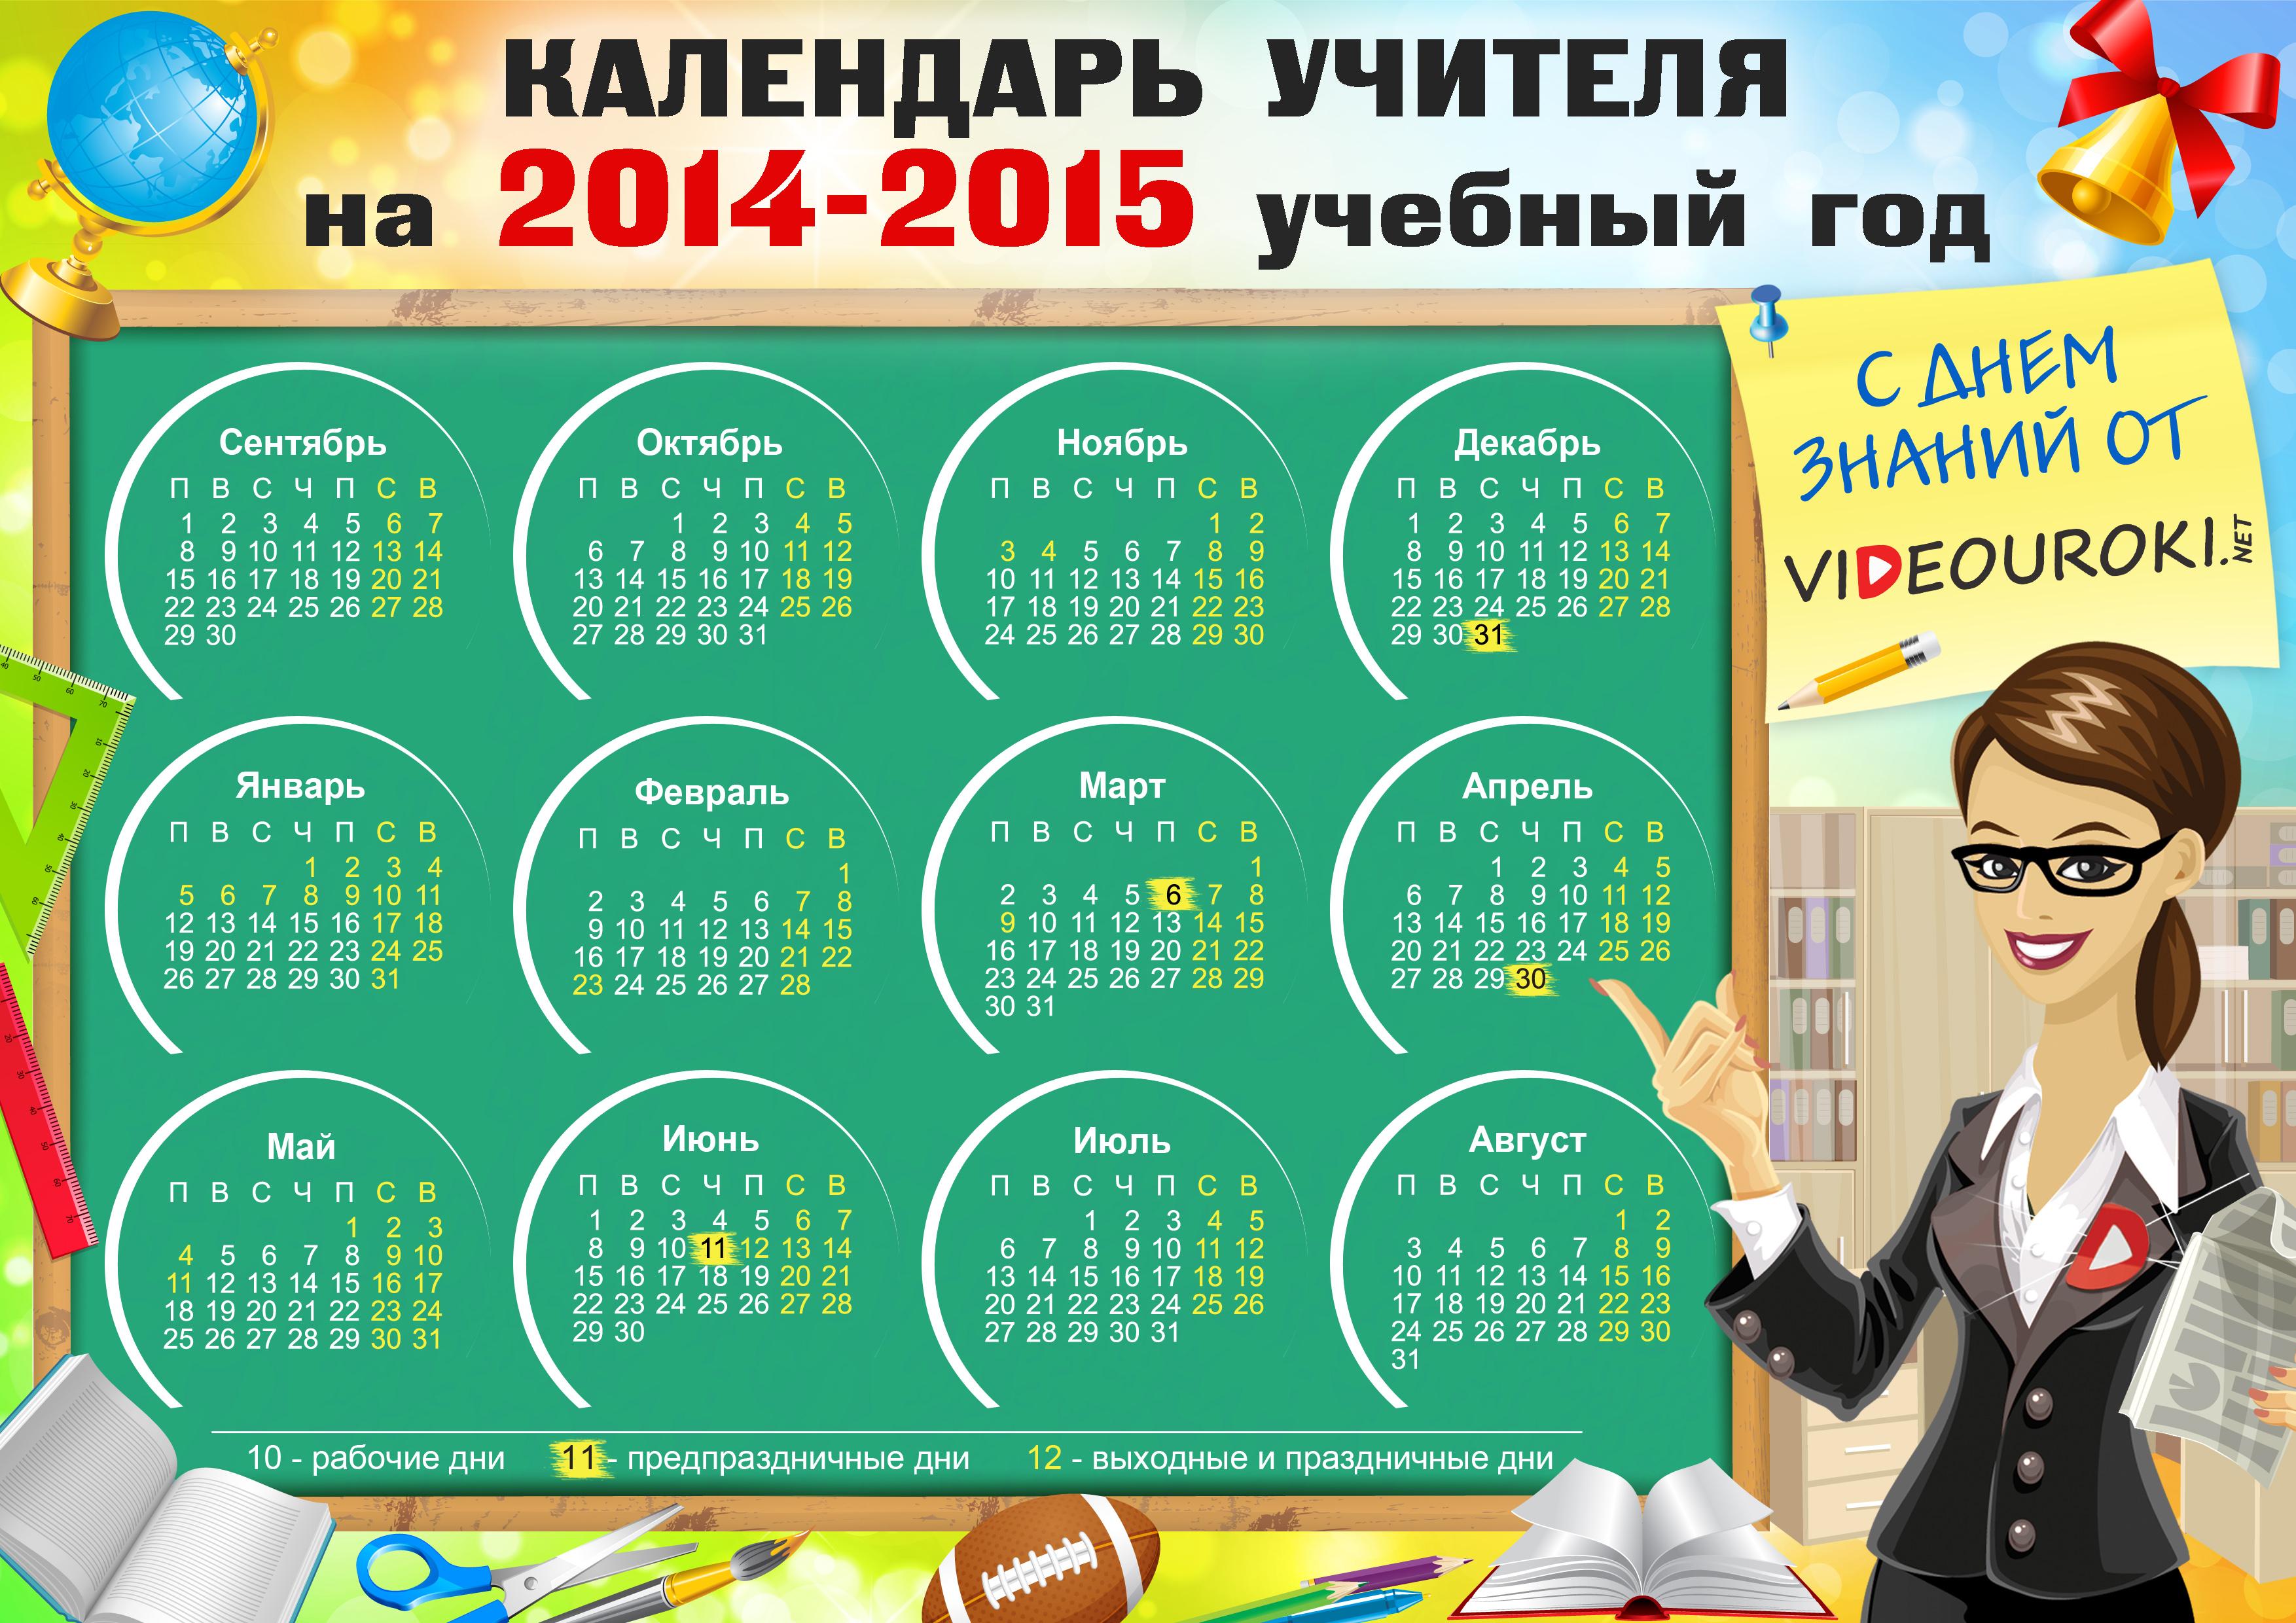 http://mo-izo-anzherka.ucoz.ru/Prochee/kalendar_uchitelja_na_2014-2015_uchebnyj_god.jpg